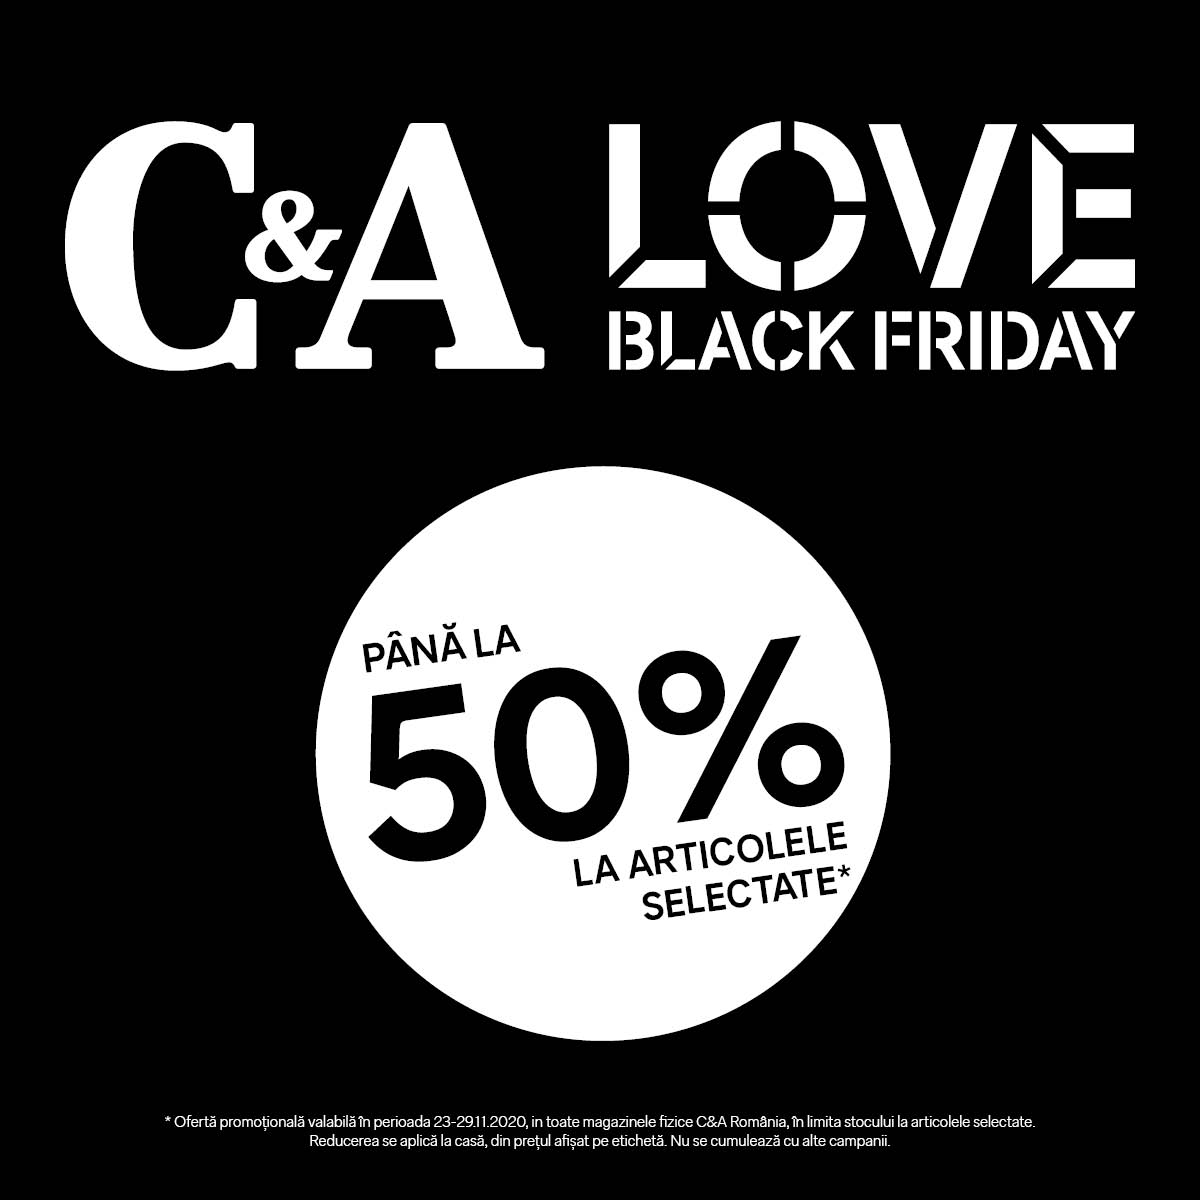 black friday la c&a